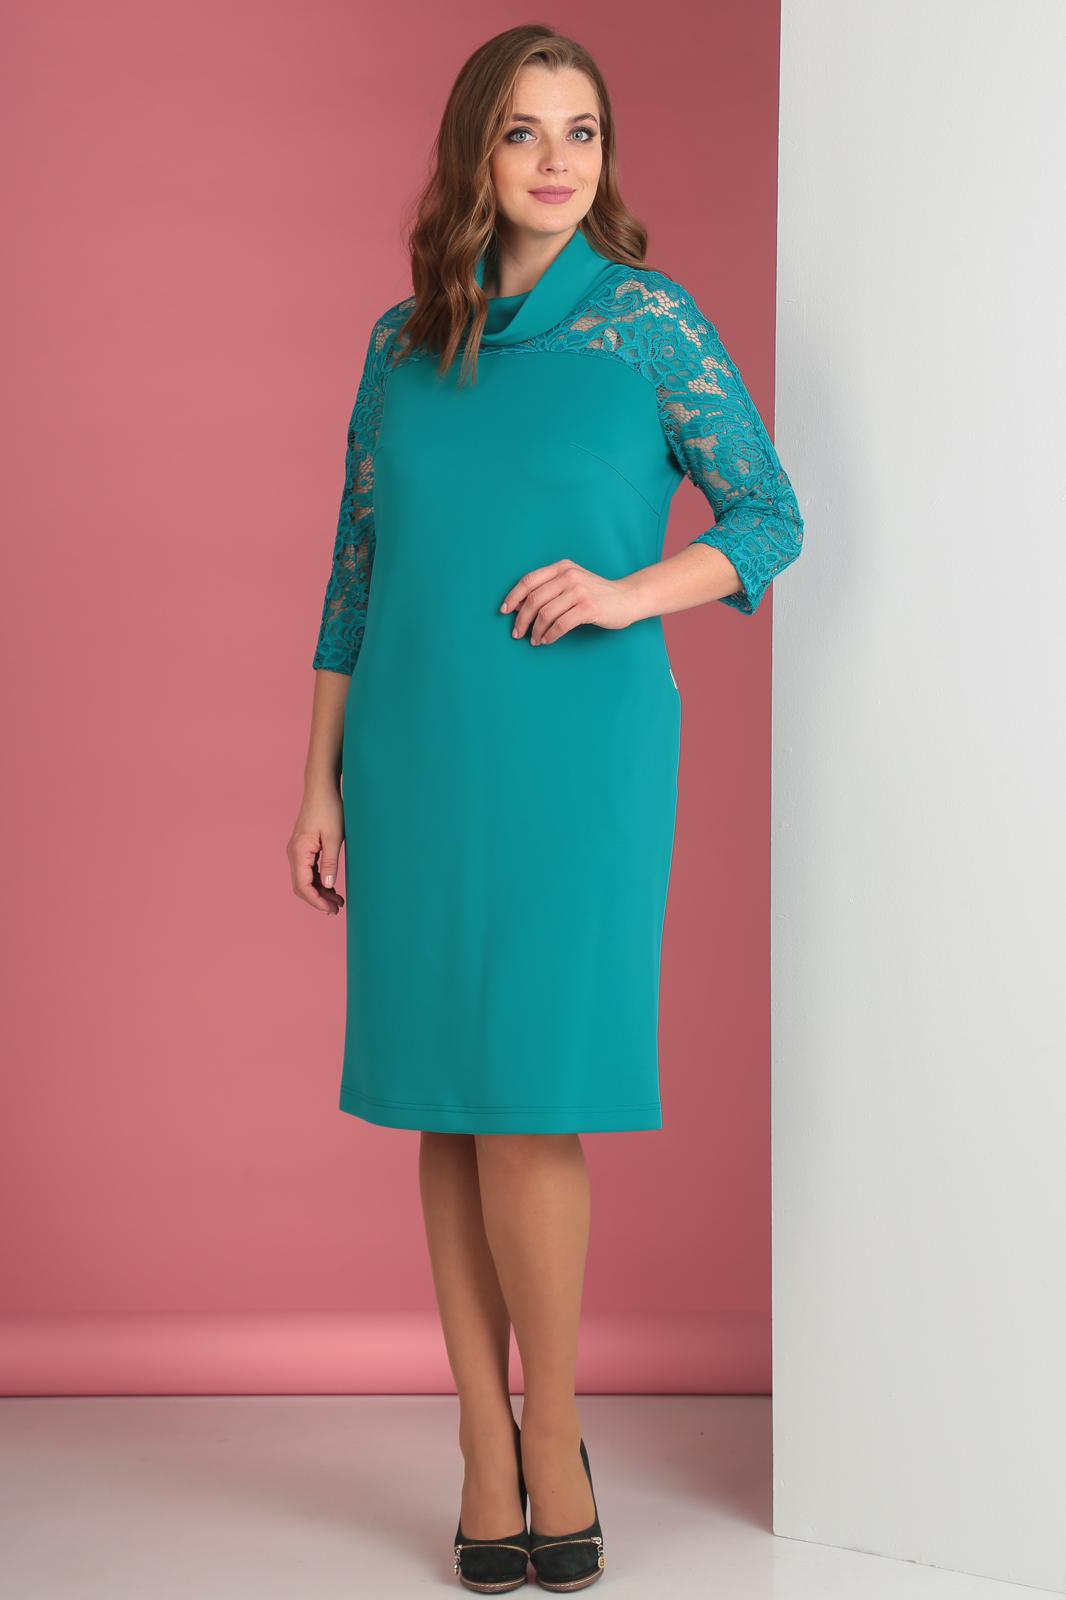 Купить Платье Anastasia Mak, 518 бирюзовый, Беларусь